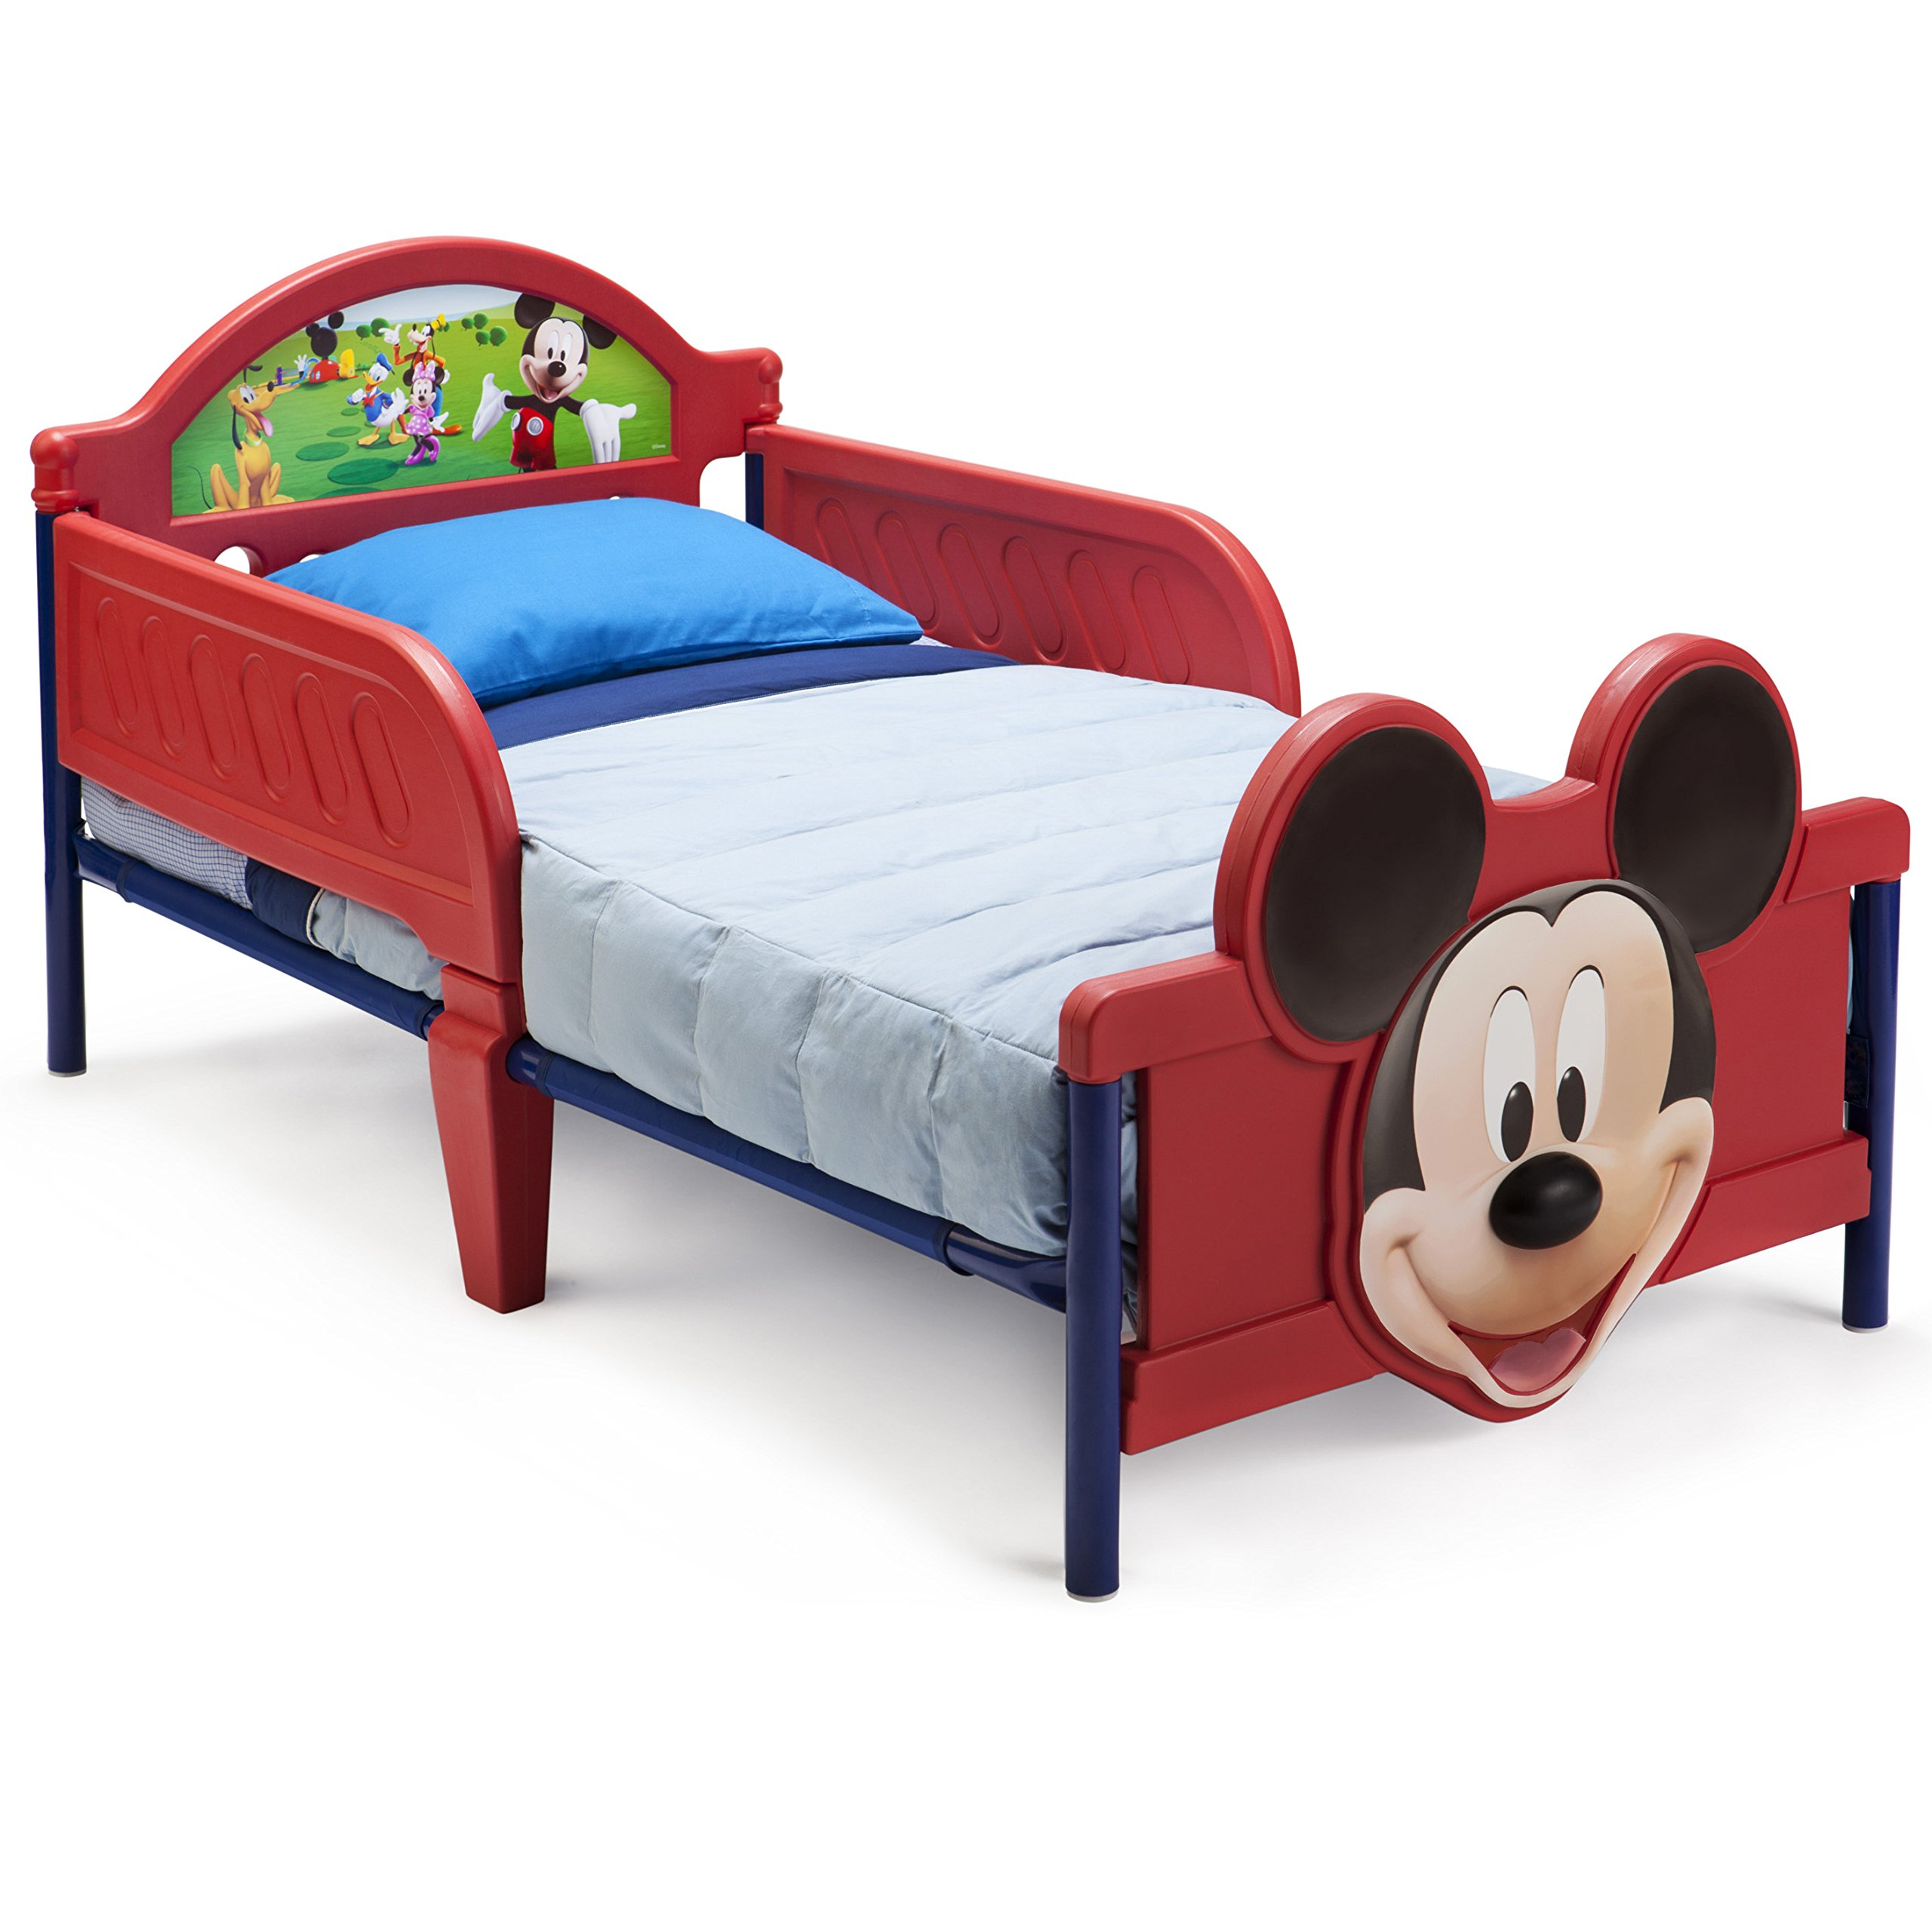 Children Toddler Wood Bed,Child Bedroom Furniture Boy Girl Princess Disney Safet